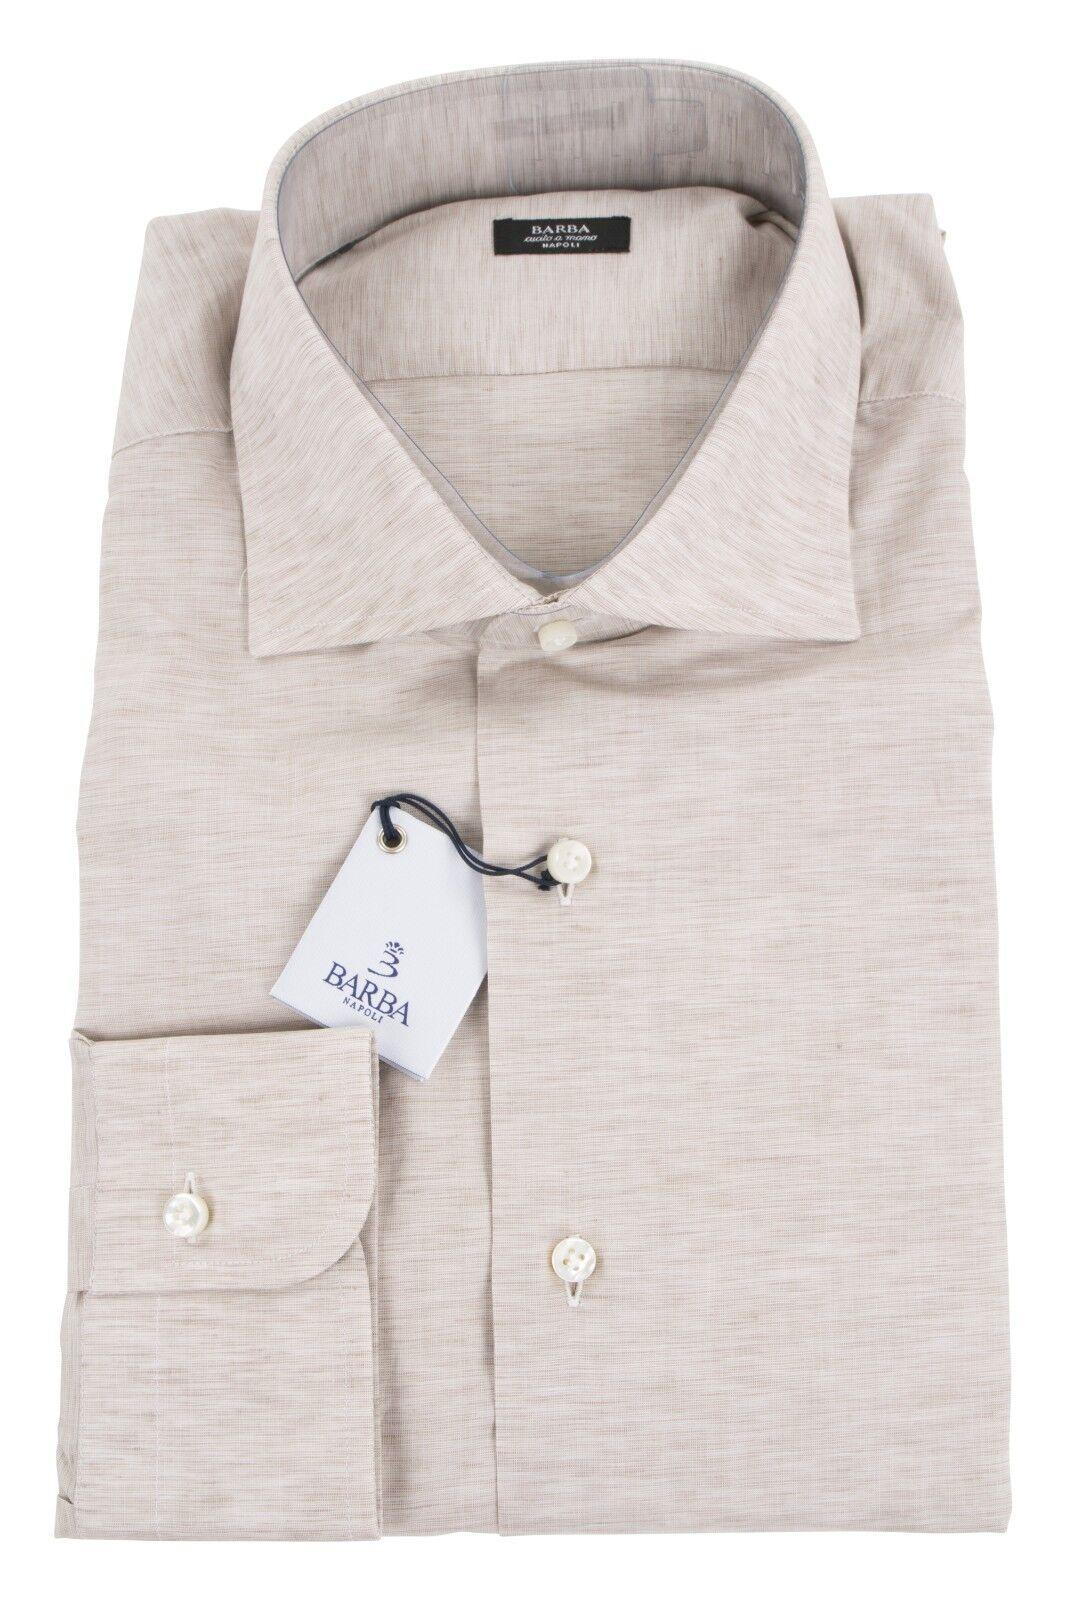 Barba 49% Cotton/51% Linen 17/43 Dress Shirt Sand Braun